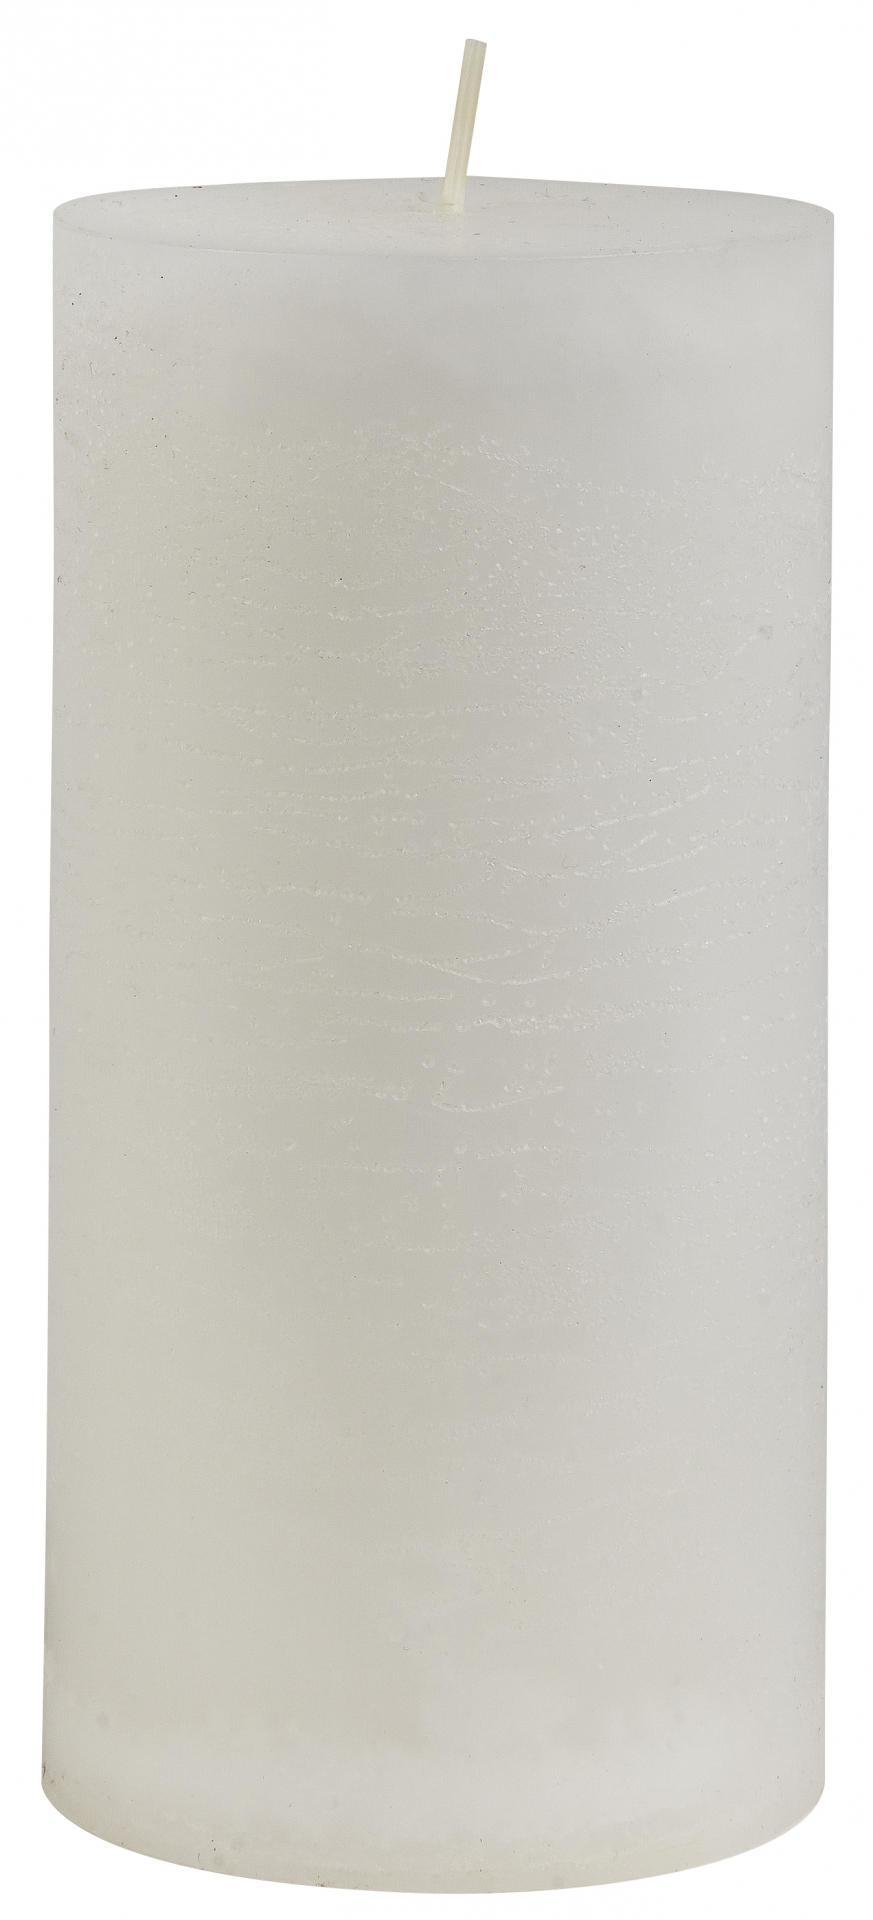 IB LAURSEN Kulatá svíčka Rustic White 14 cm, bílá barva, vosk